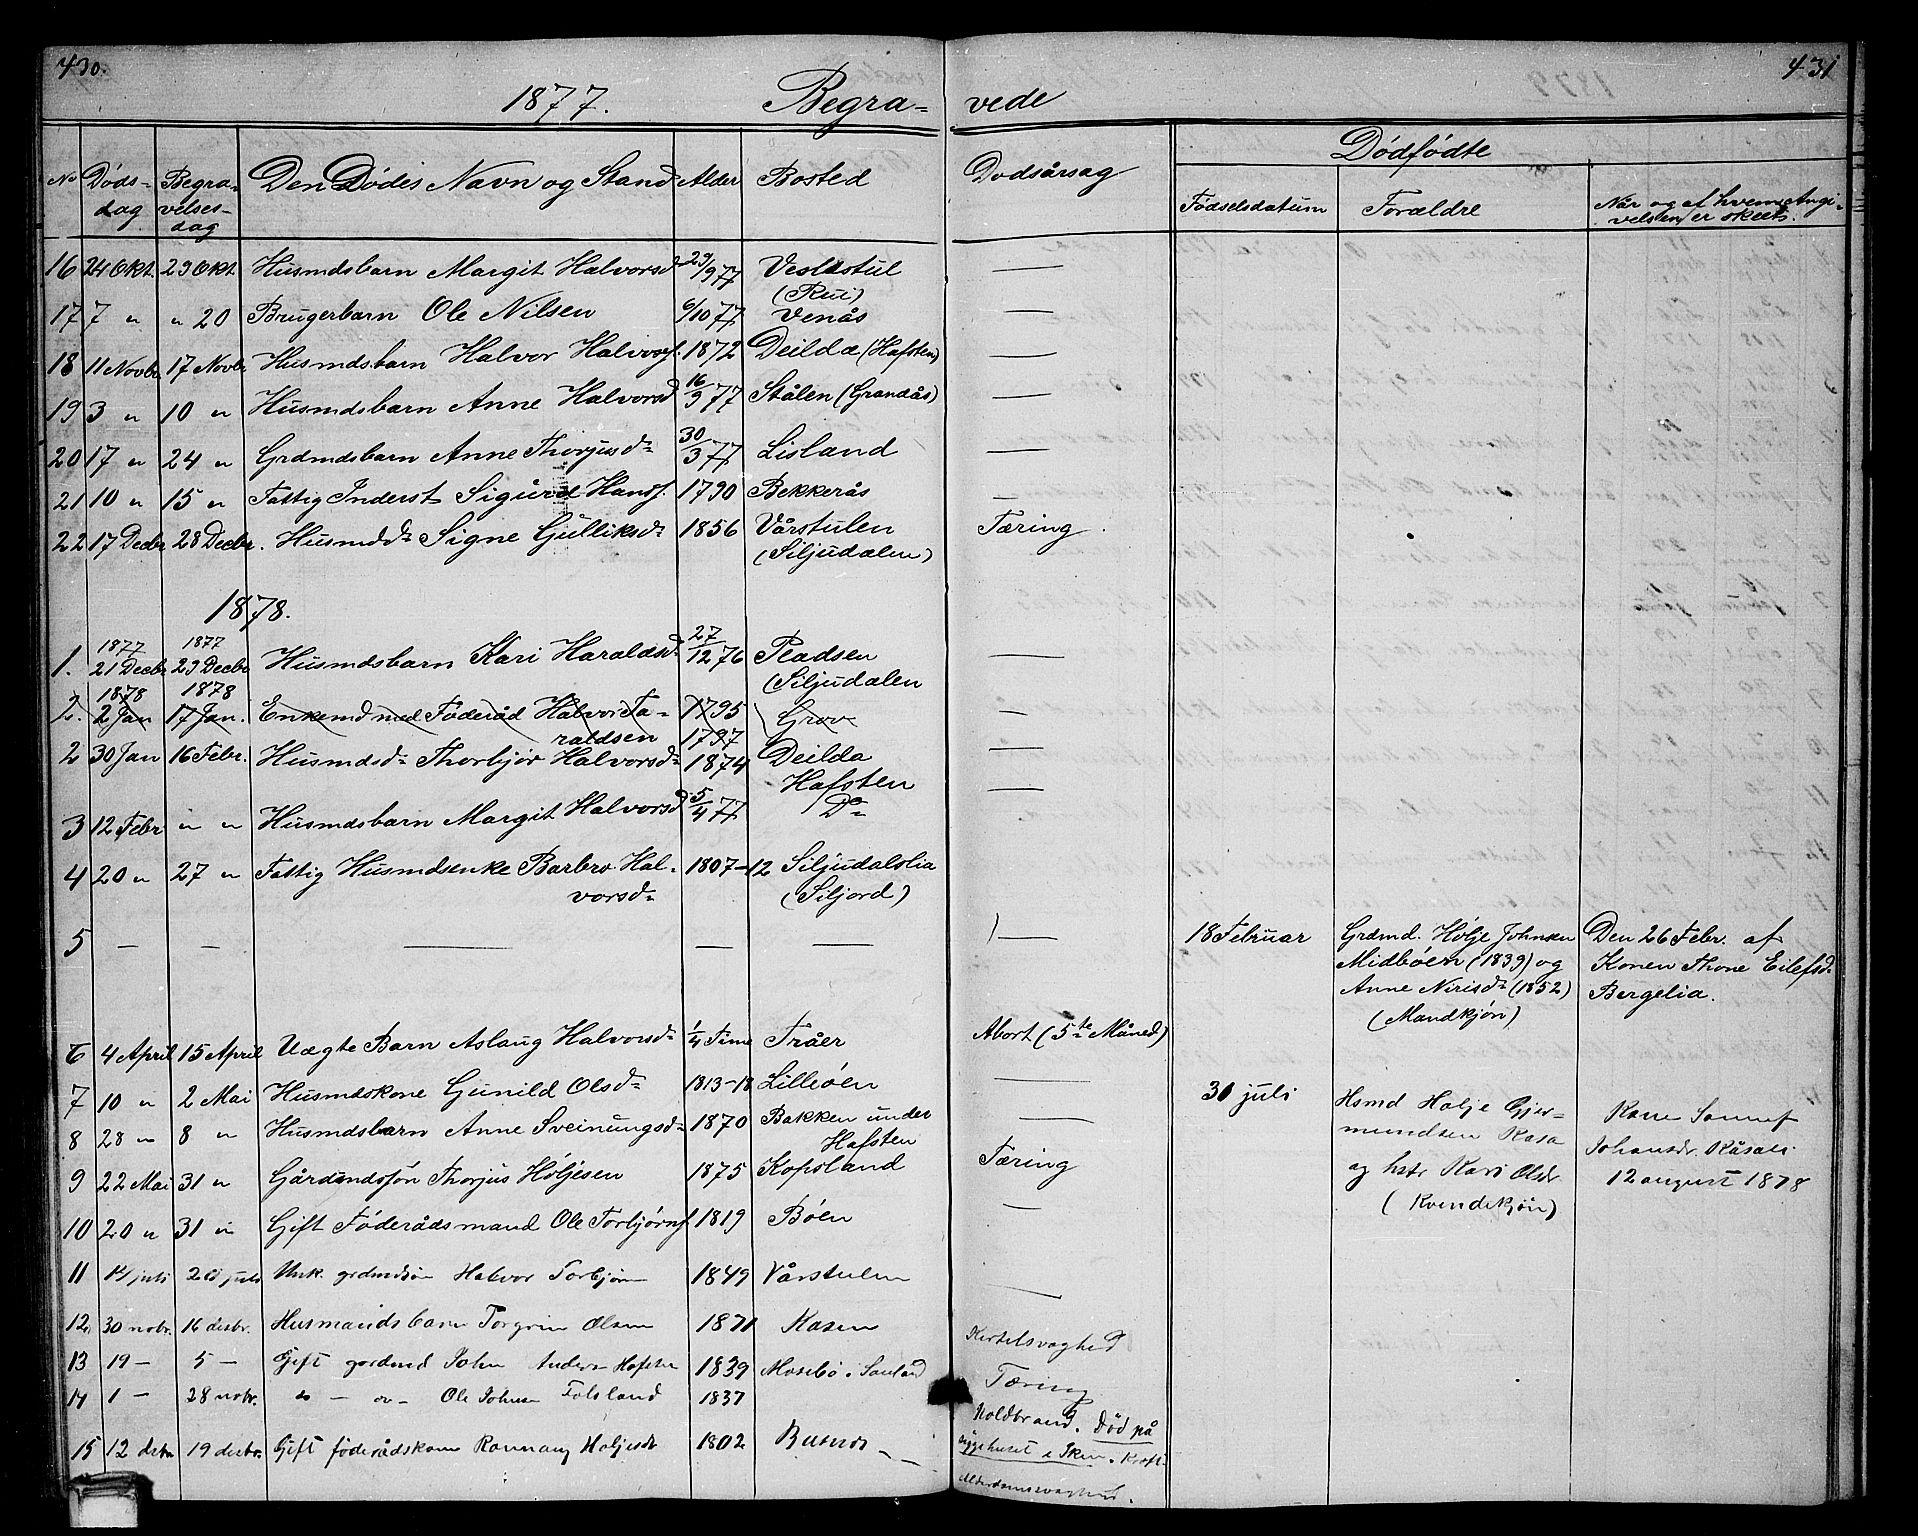 SAKO, Gransherad kirkebøker, G/Ga/L0002: Klokkerbok nr. I 2, 1854-1886, s. 430-431